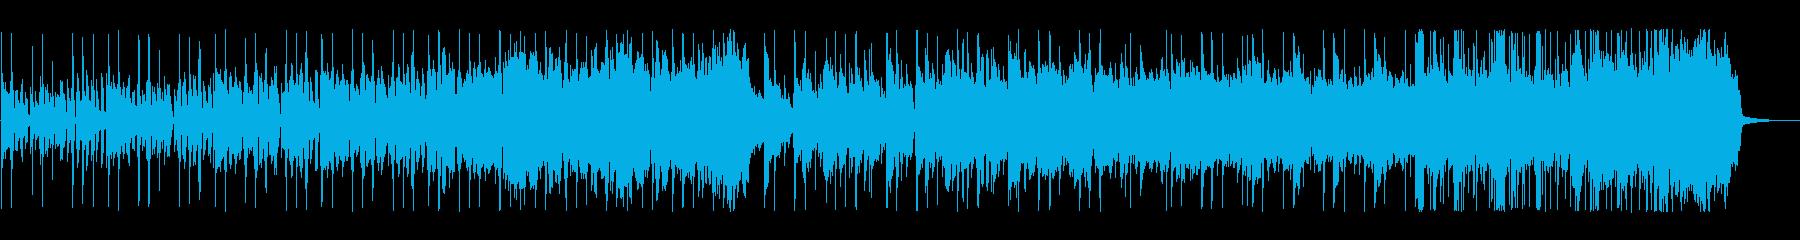 雅楽っぽい 奇妙な雰囲気の変拍子曲の再生済みの波形